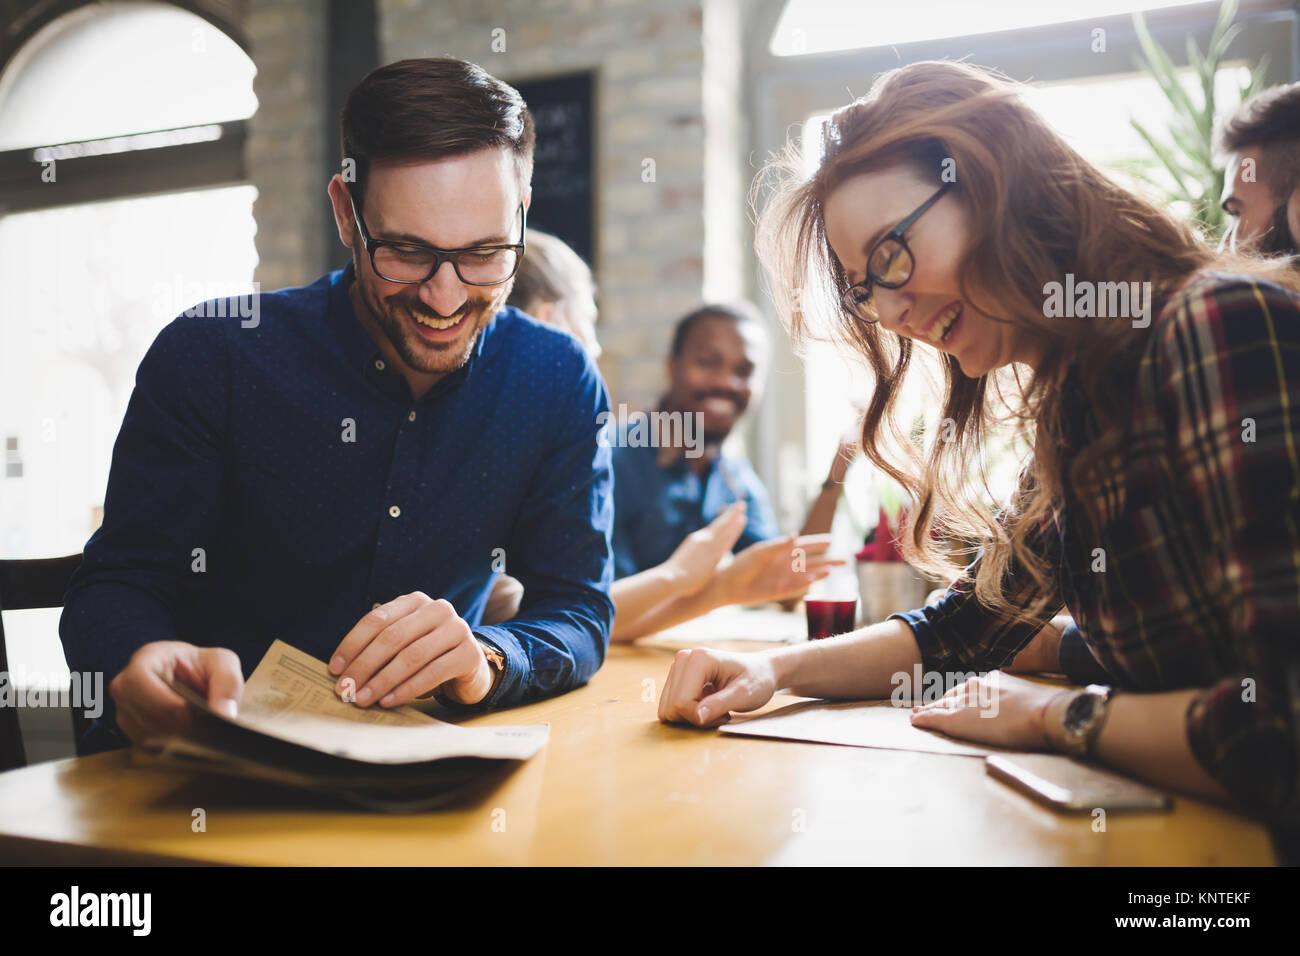 Flirt Kollegen Essen gehen und dating im restaurant Stockbild